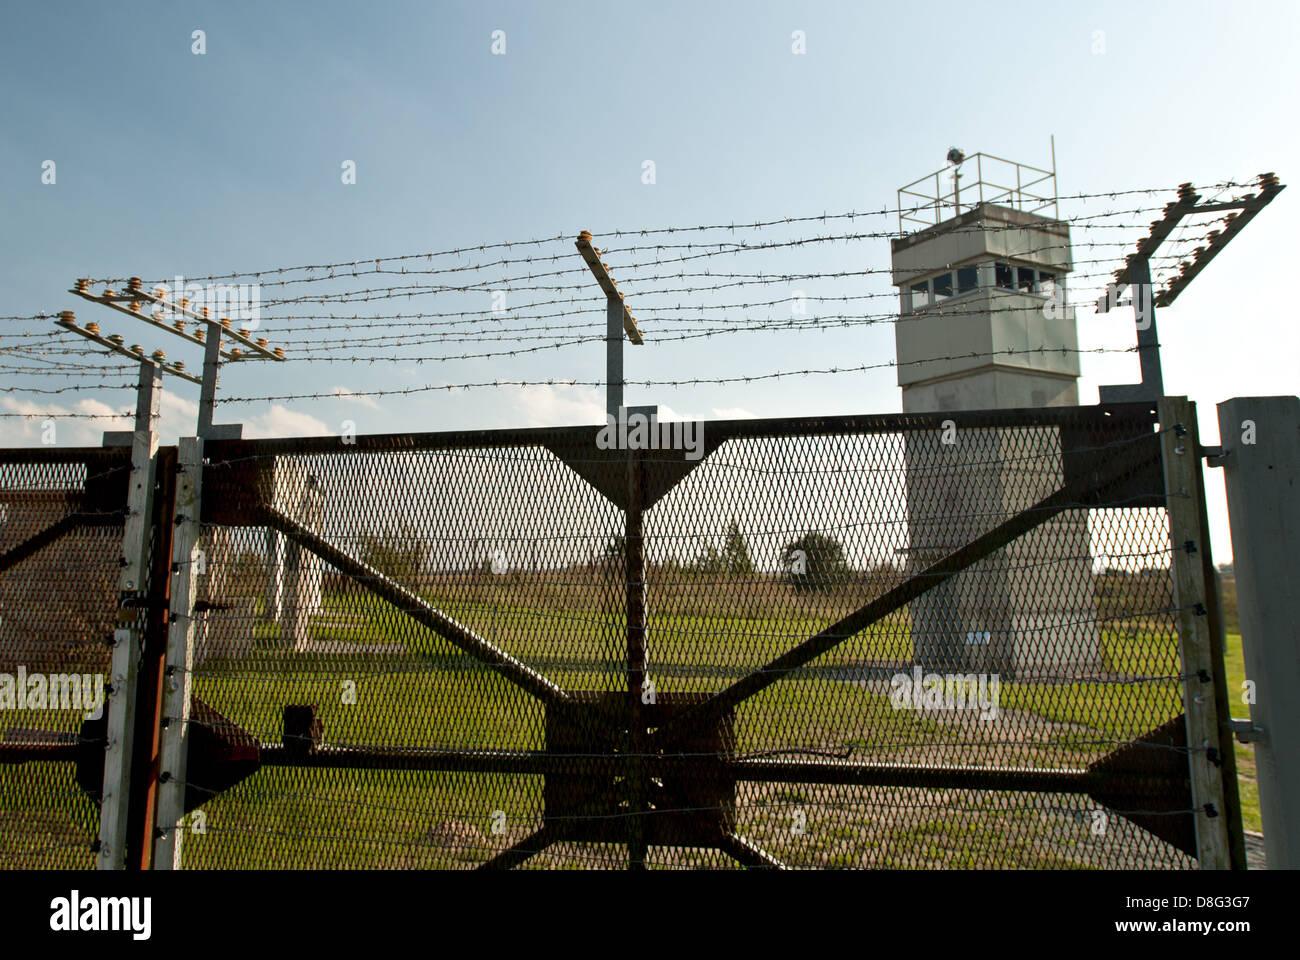 Reste von der innerdeutschen Grenze (Die Grenze) in Schlagsdorf, Deutschland. Stockbild